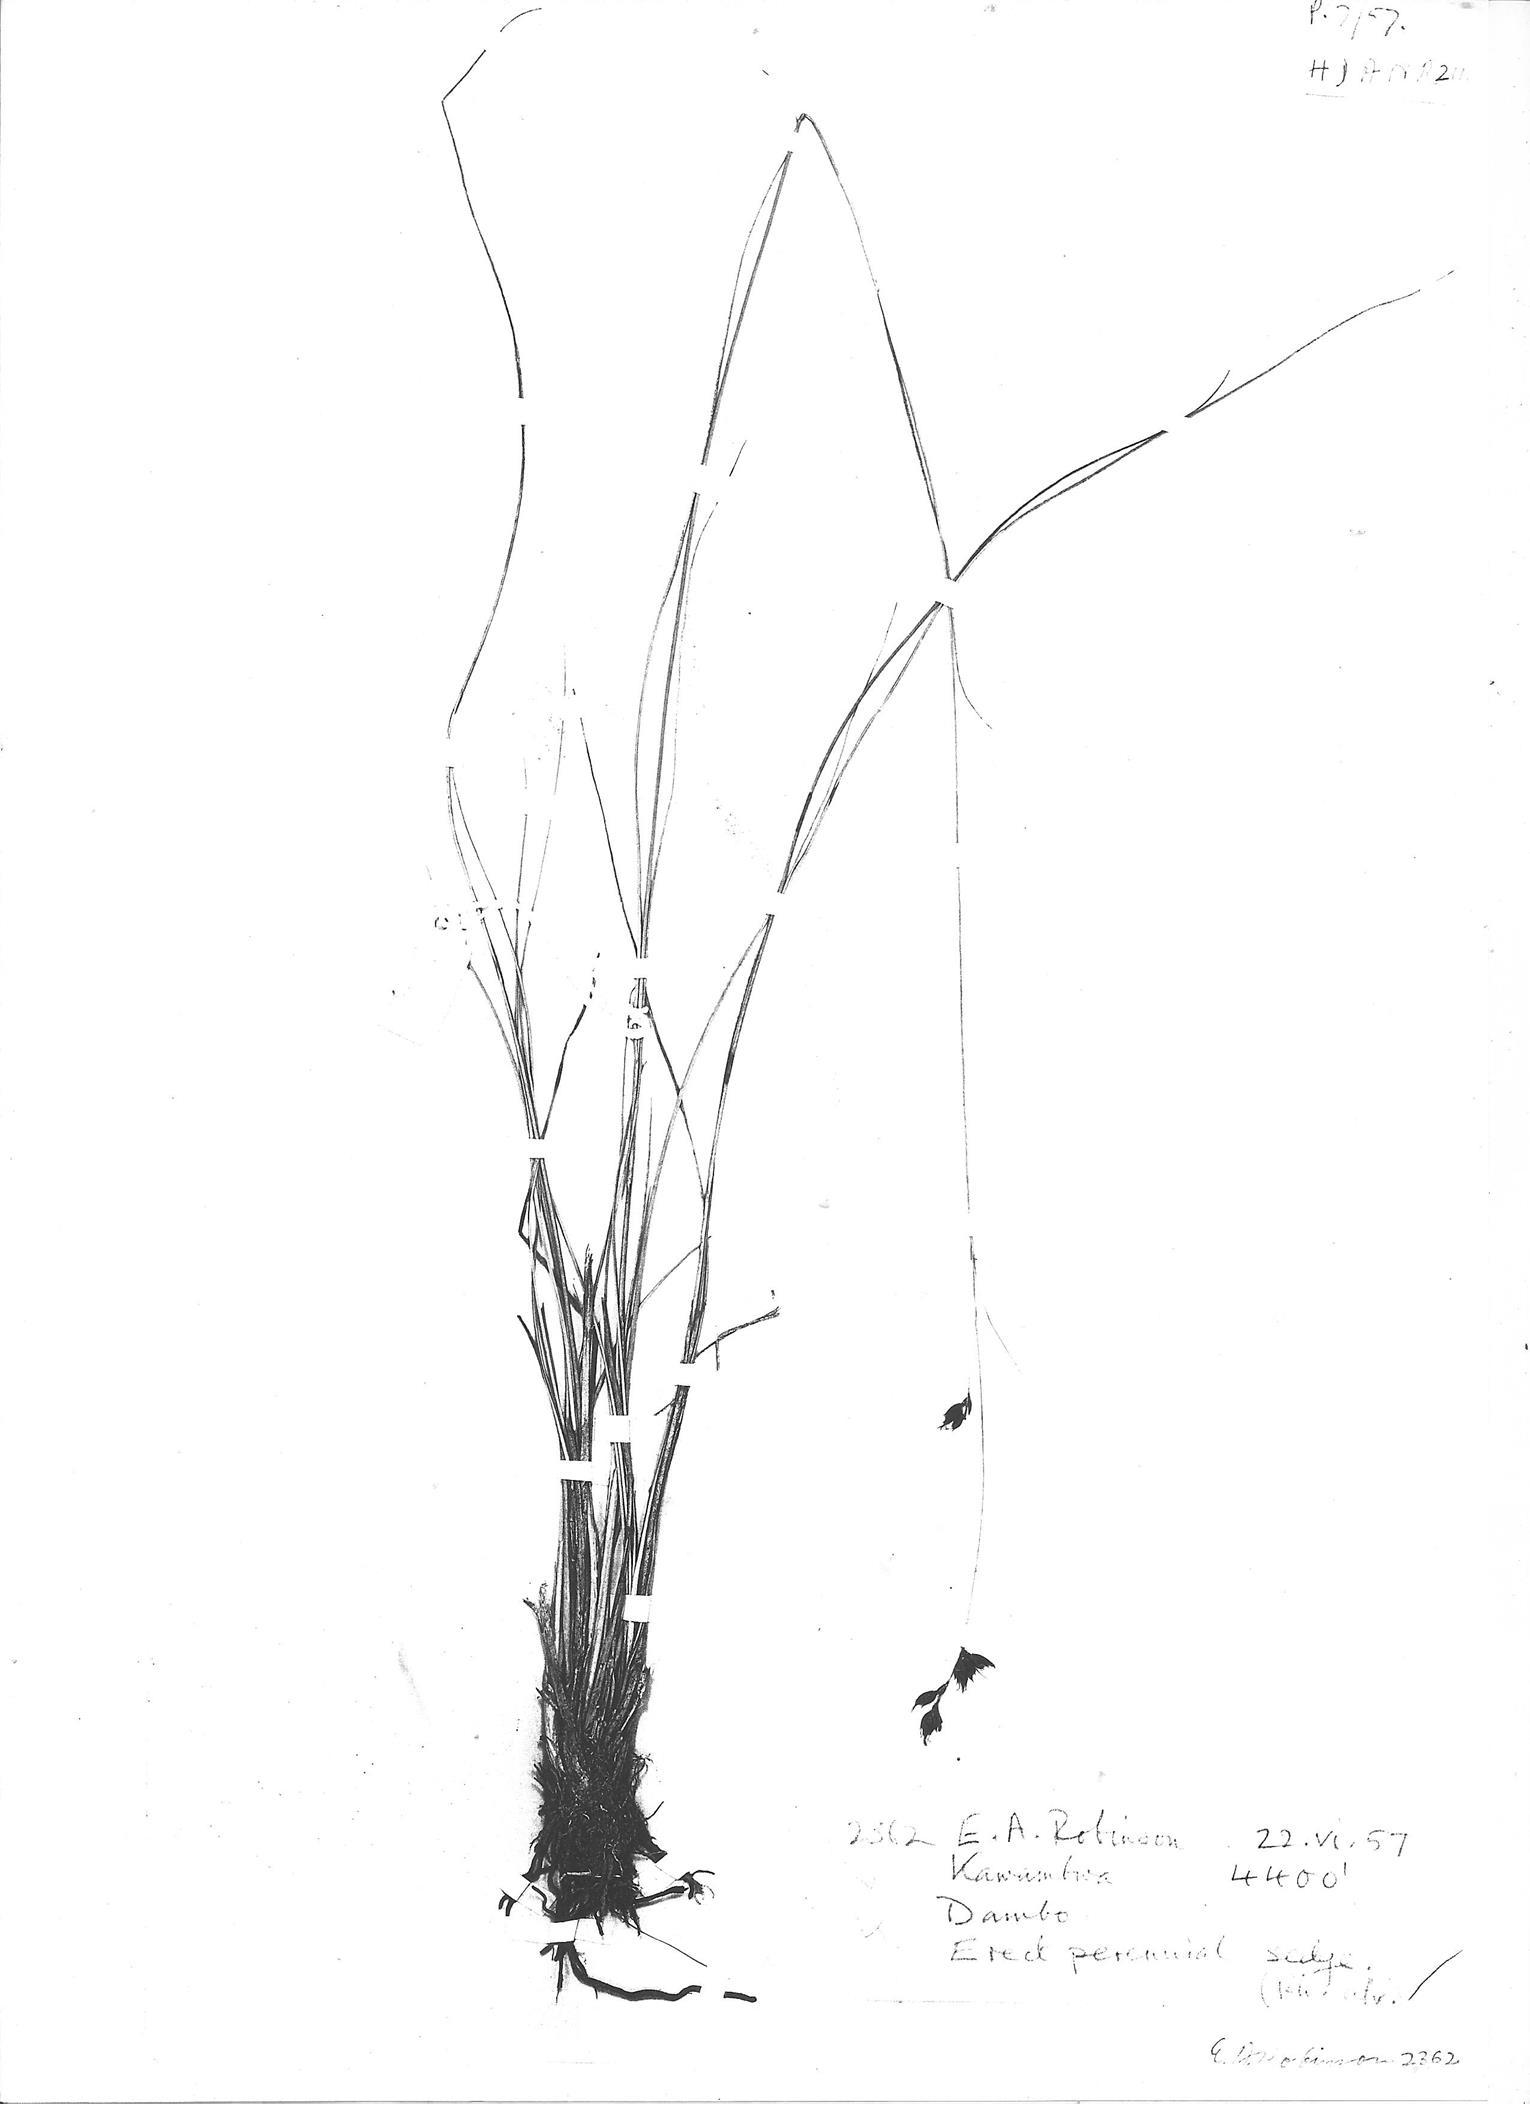 Rhynchospora angolensis